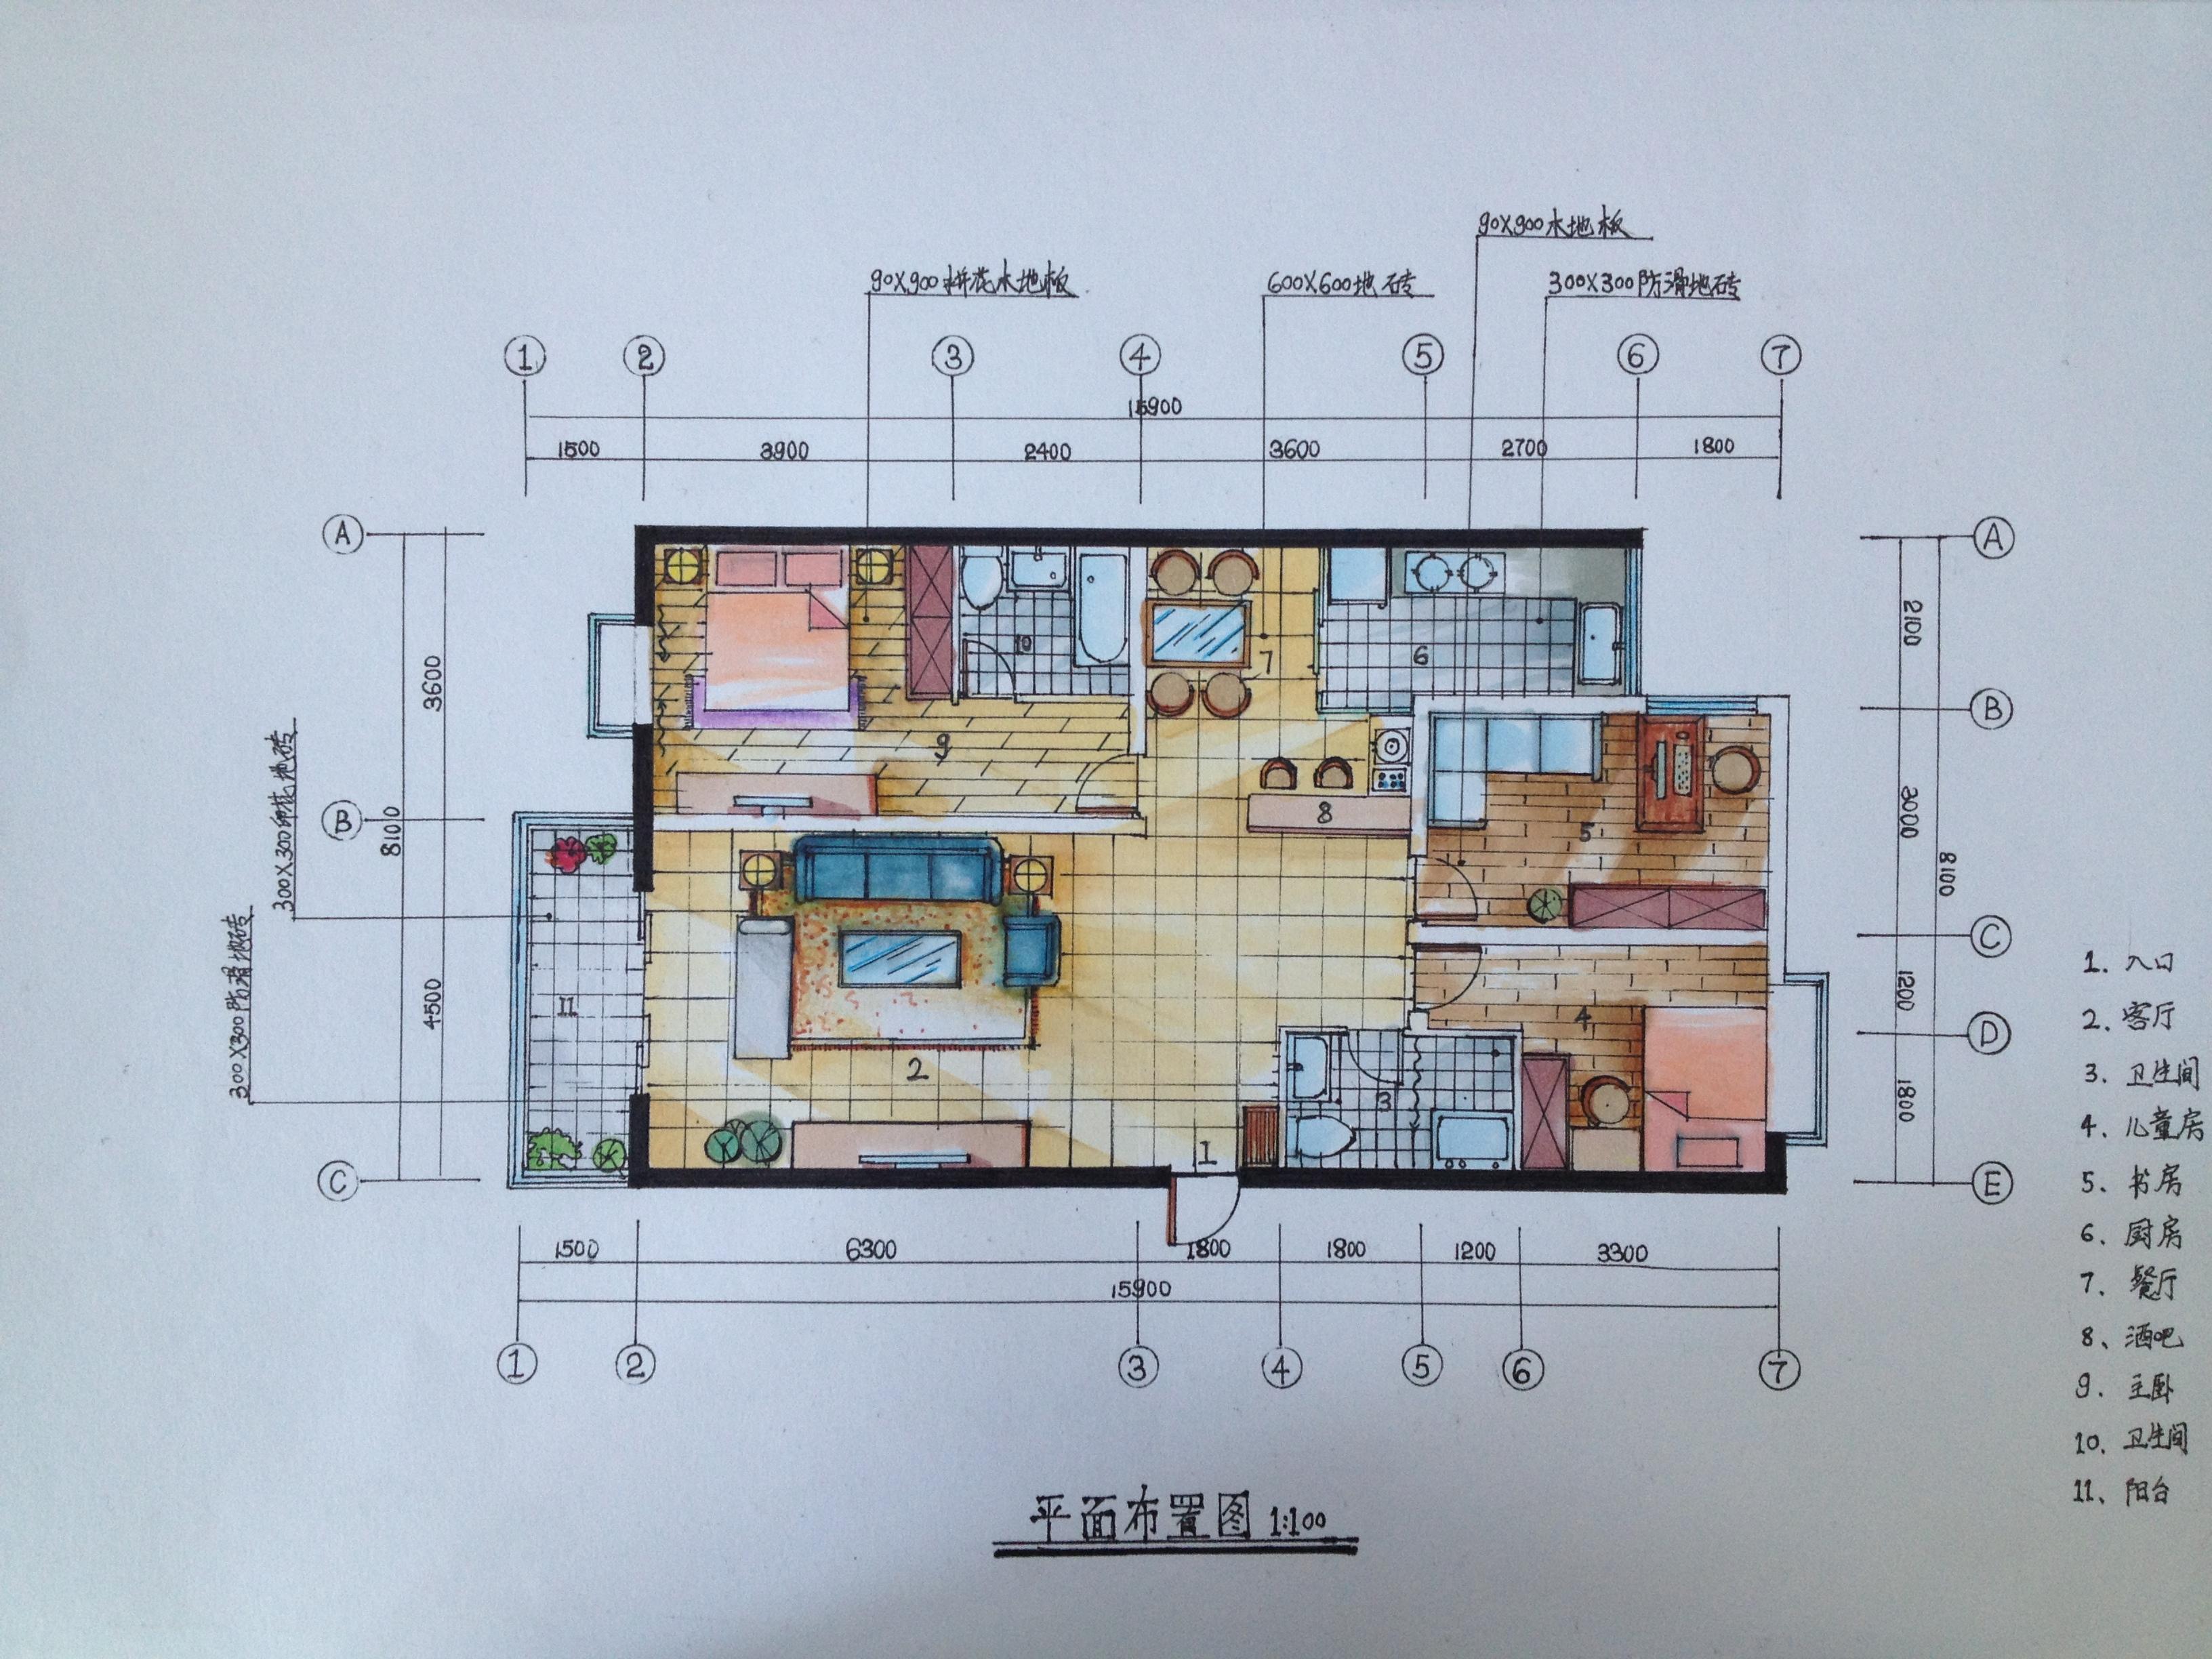 手绘|空间|室内设计|belinda0406 - 原创作品 - 站酷